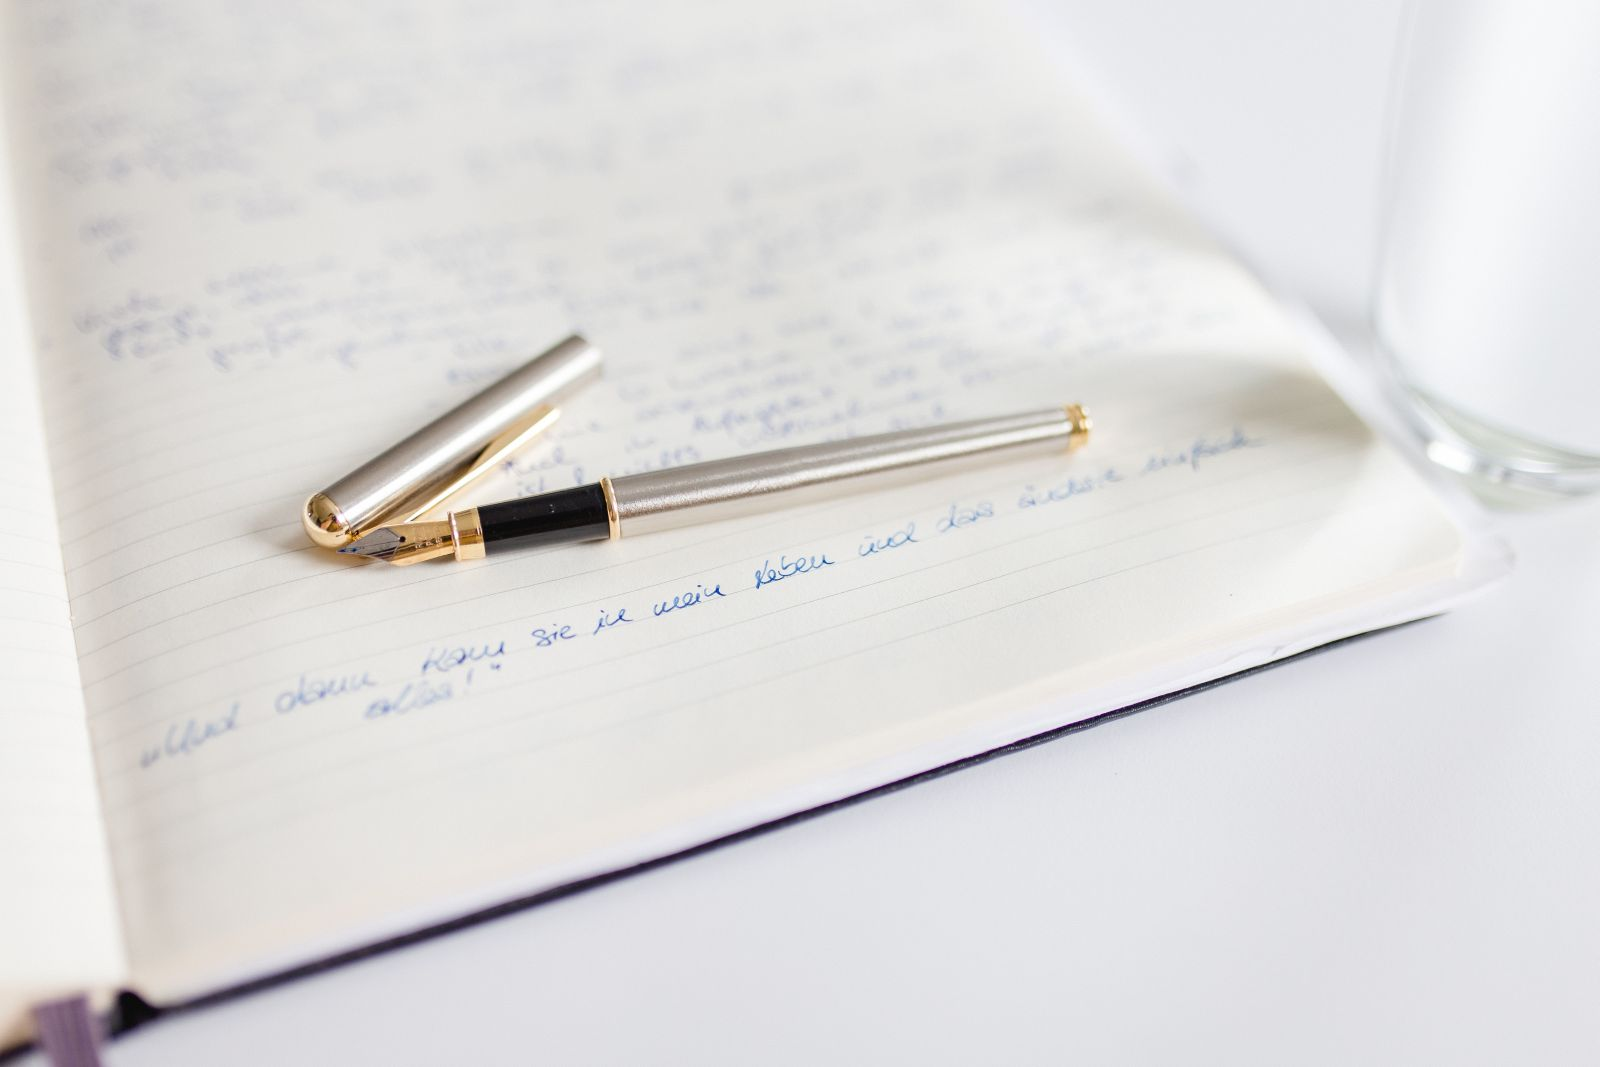 Trauung schreiben braucht viel Arbeitszeit